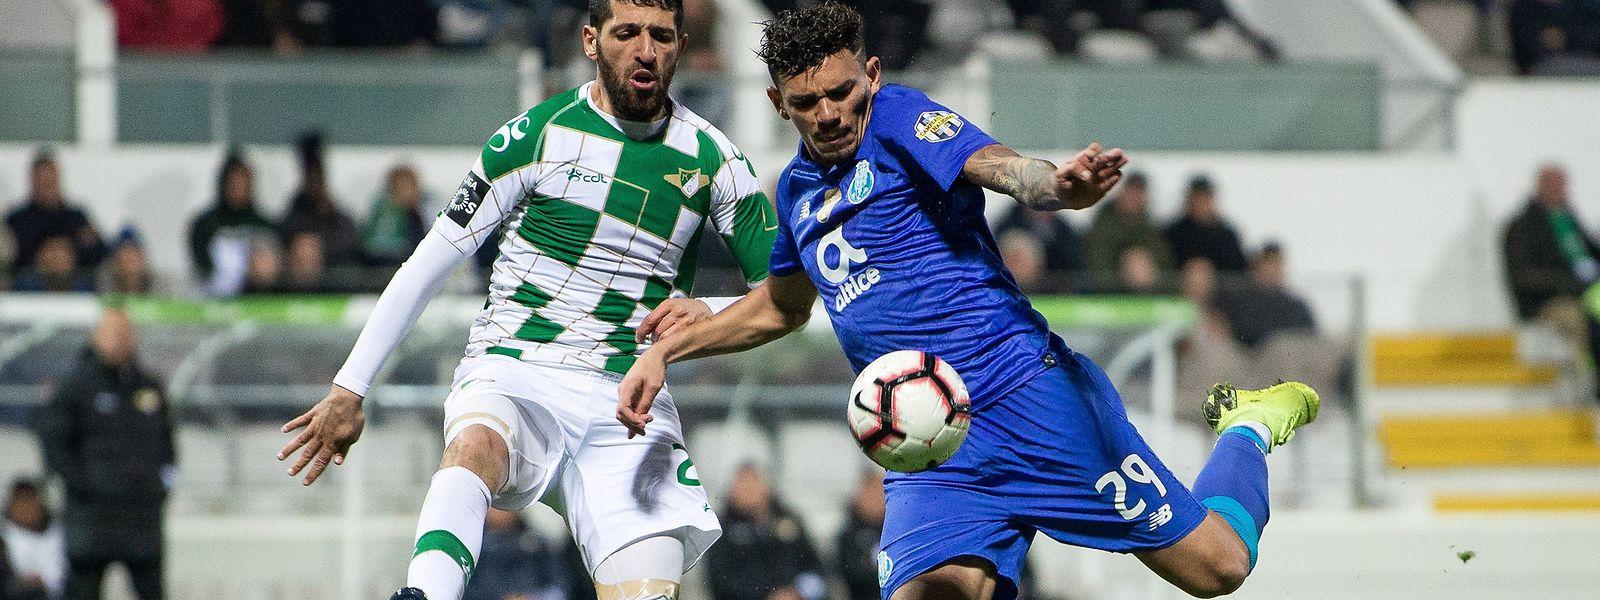 Rafik Halliche e Tiquinho Soares dividiram os pontos em Moreira de Cónegos.